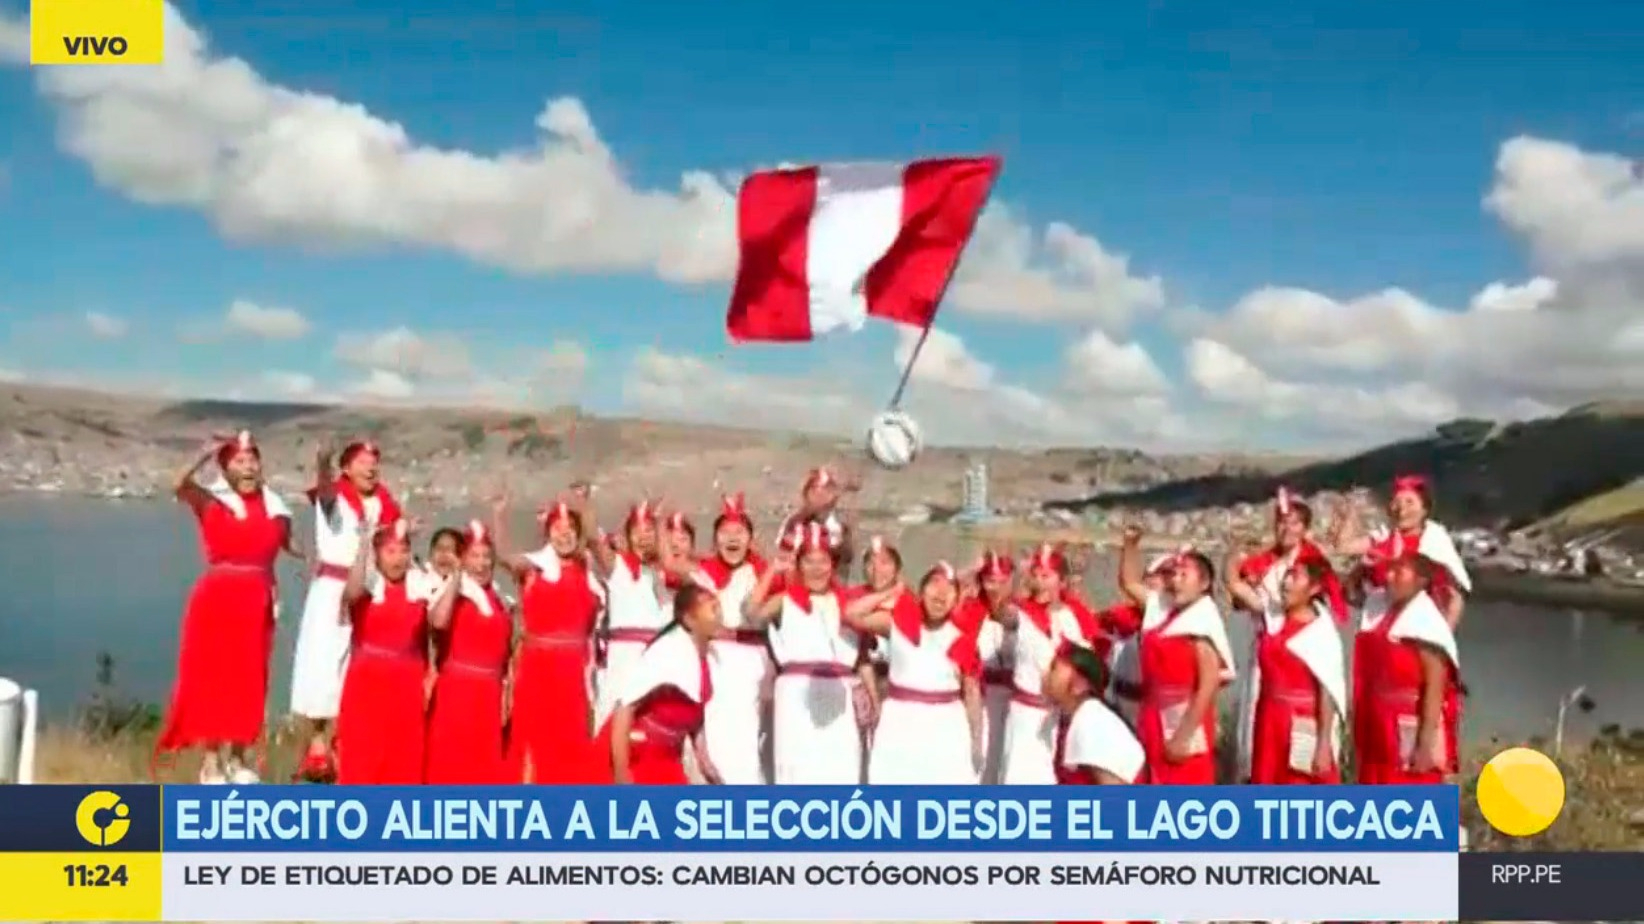 El Ejército alentó a la Selección desde Puno